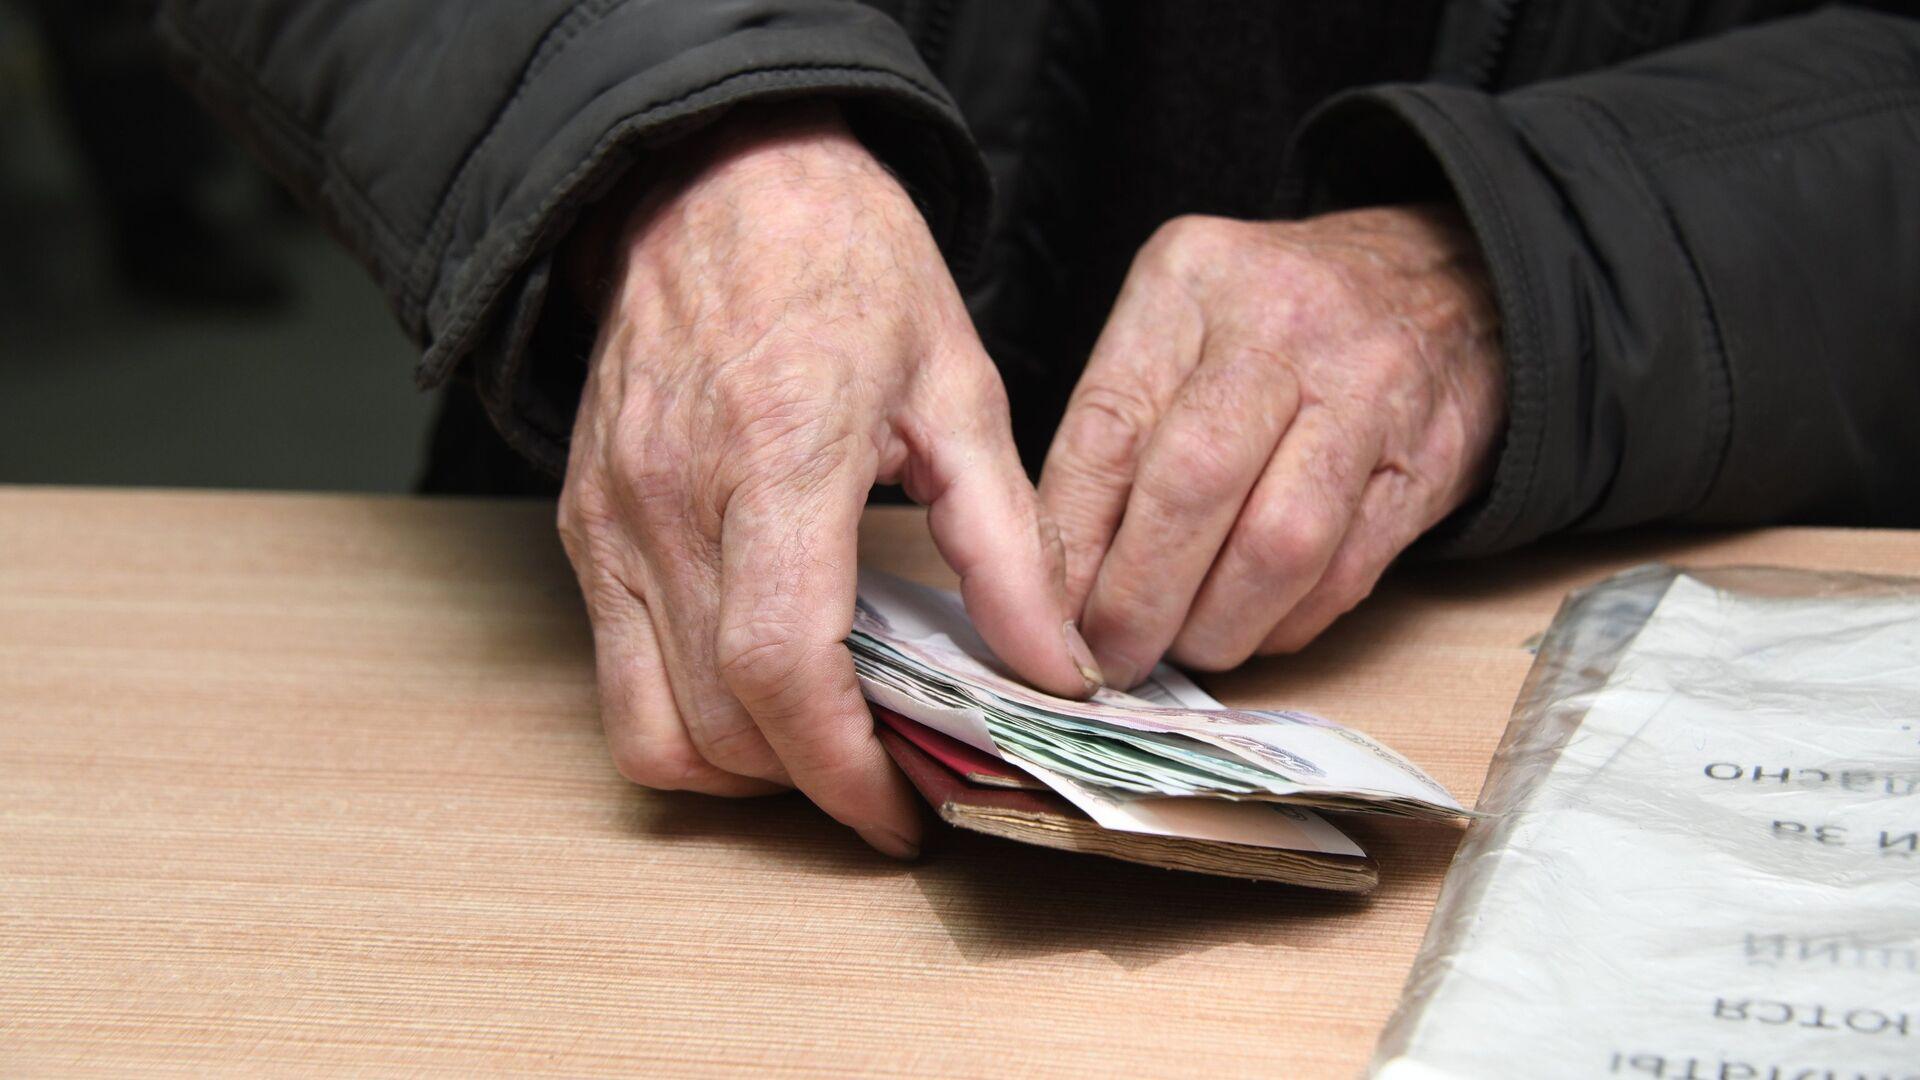 Мужчина с полученной пенсией на почтамте - РИА Новости, 1920, 05.01.2021